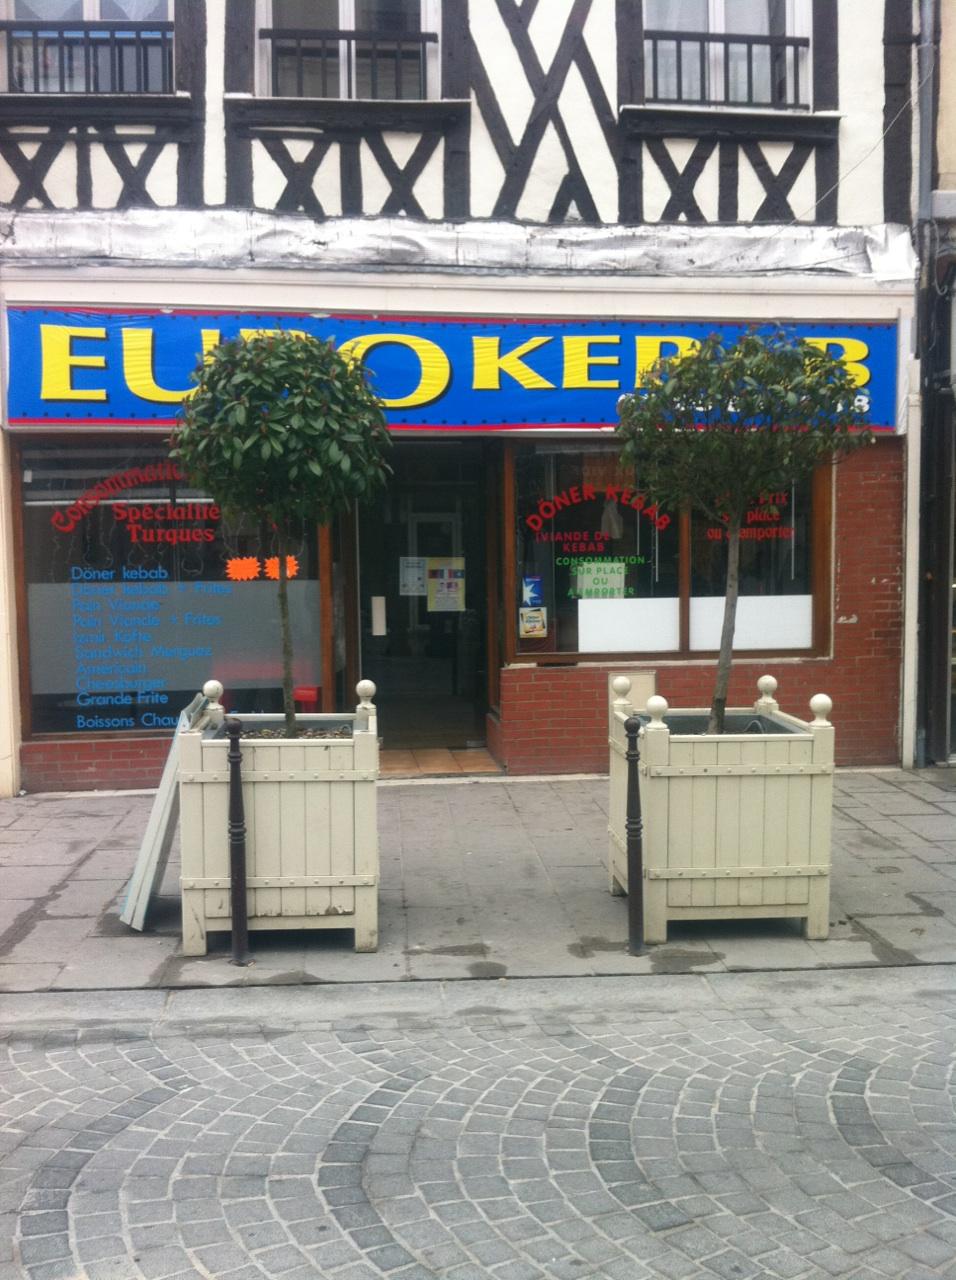 Euro kebab à Châlons-en-Champagne